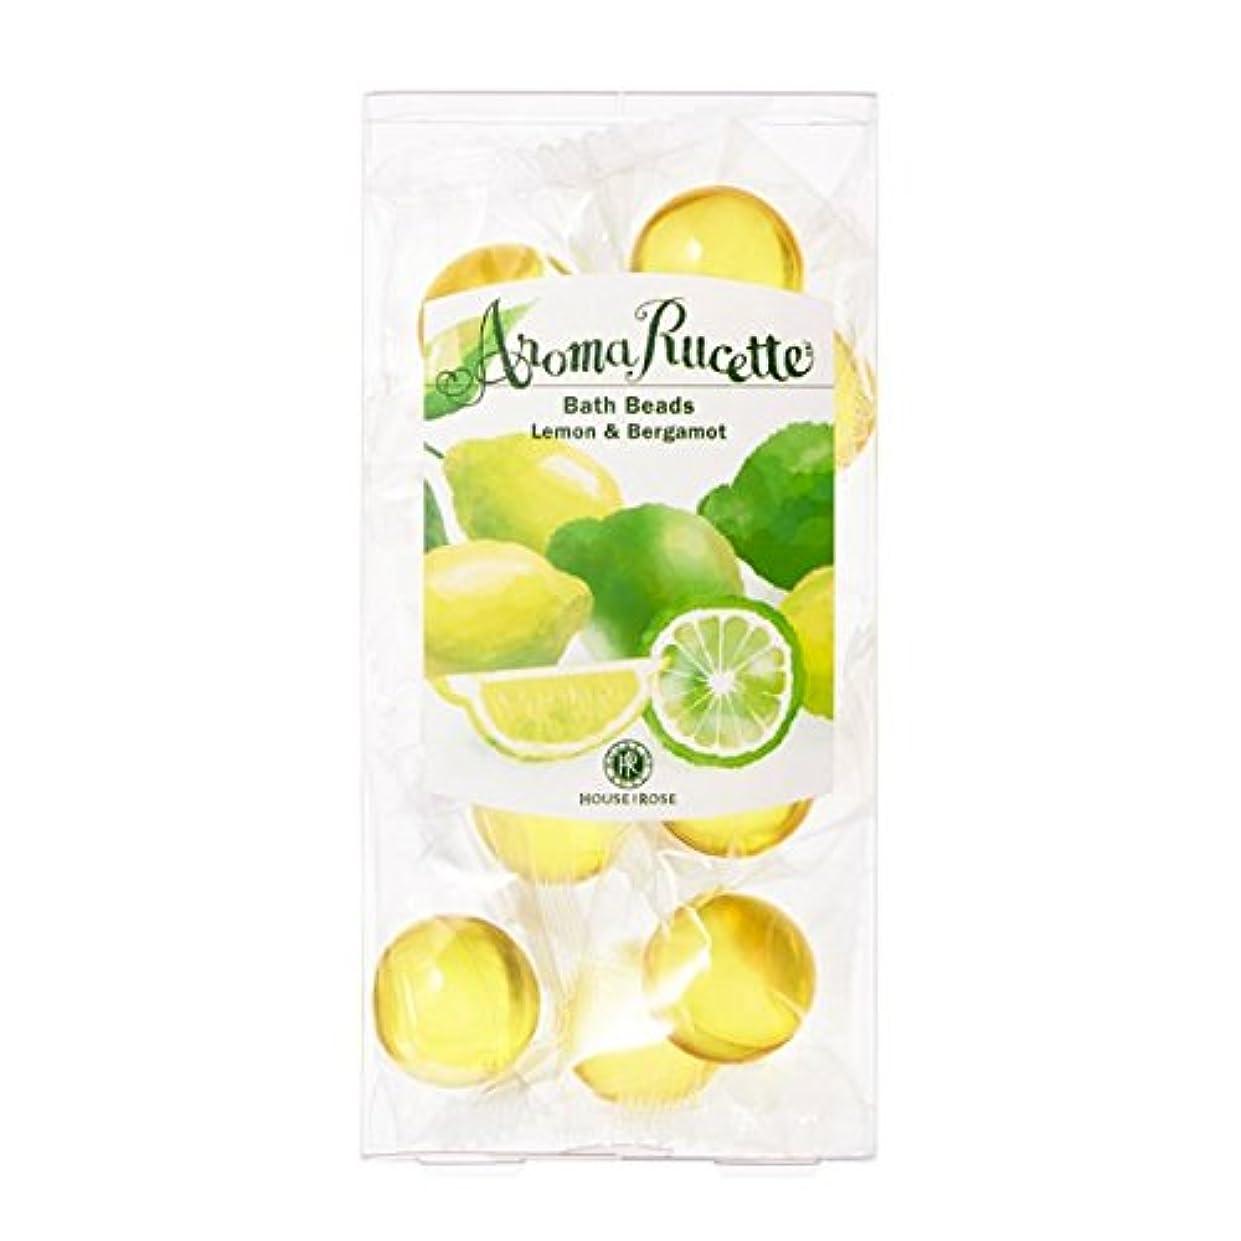 拮抗する袋木ハウスオブローゼ アロマルセット バスビーズ 7g×11個 (レモン&ベルガモットの香り)